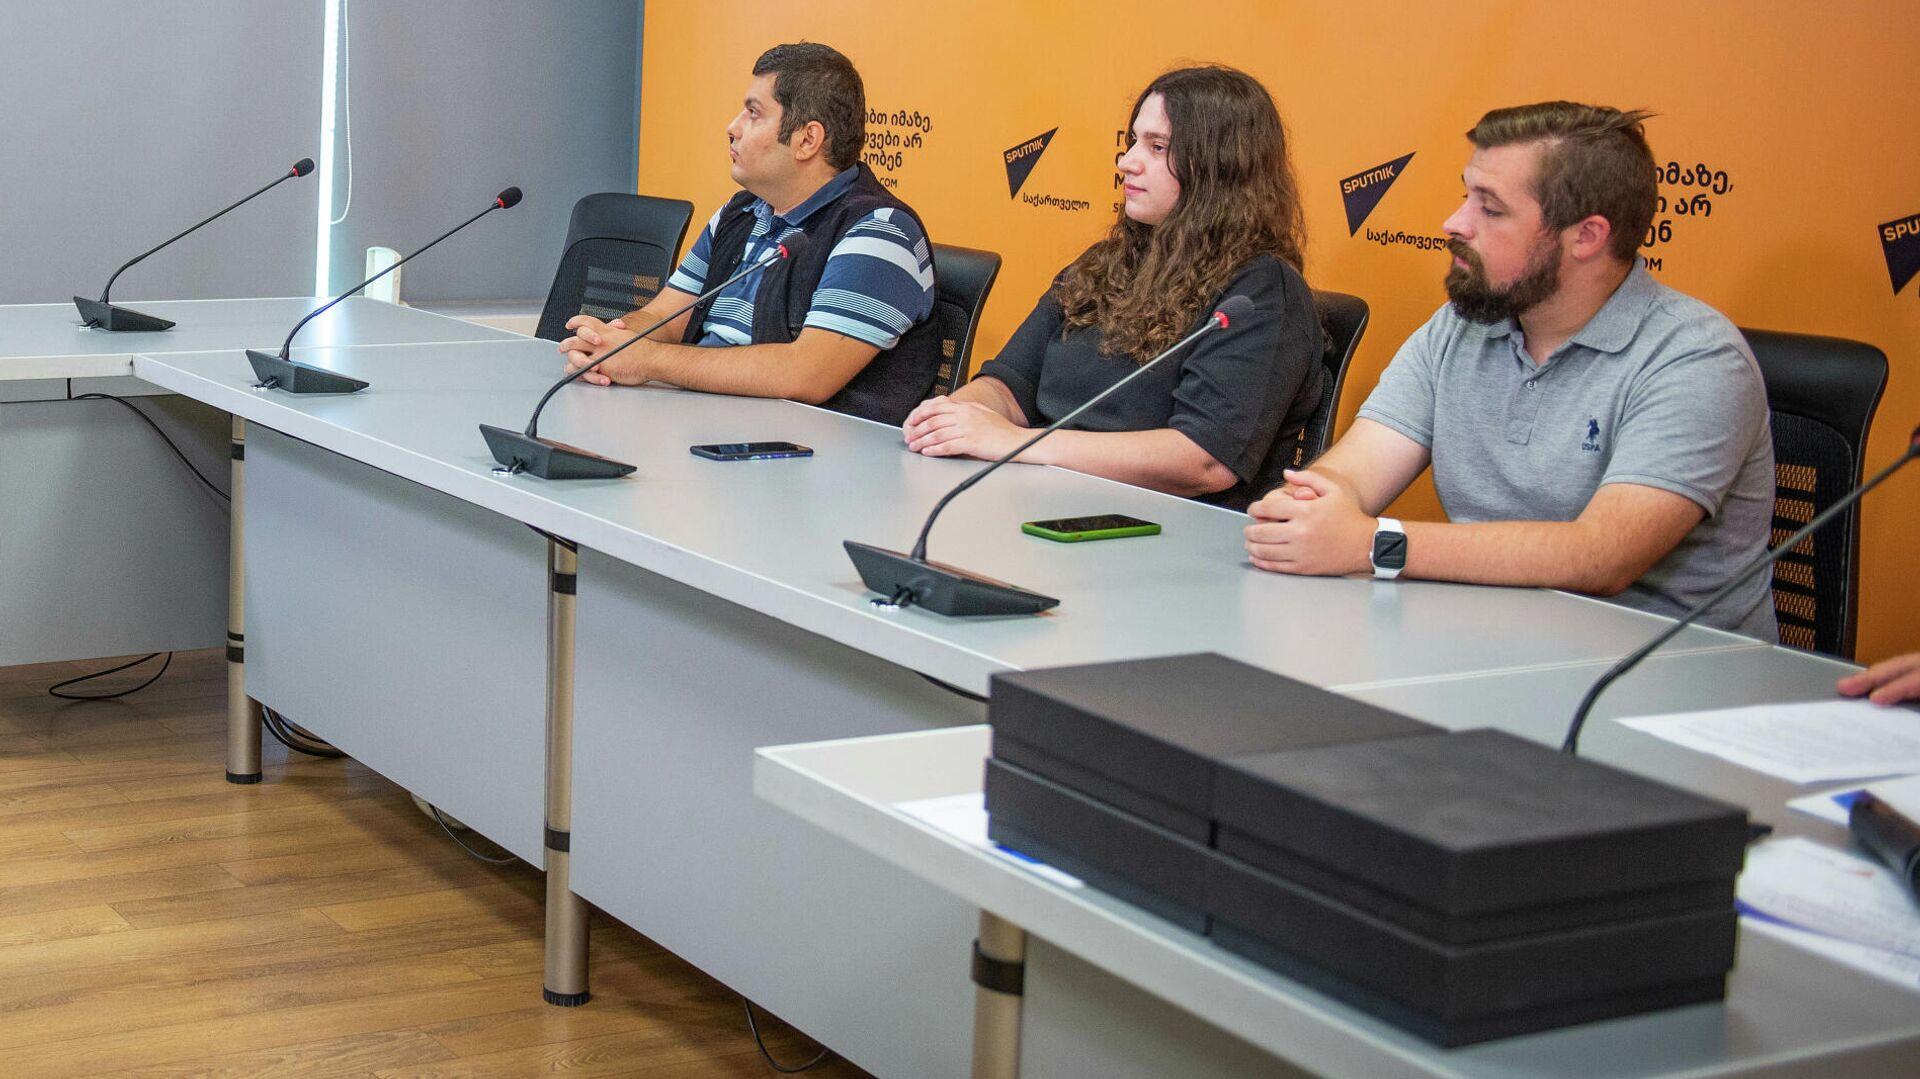 Пресс-конференция: Награждение участников международного конкурса в Тбилиси  - Sputnik Грузия, 1920, 07.09.2021